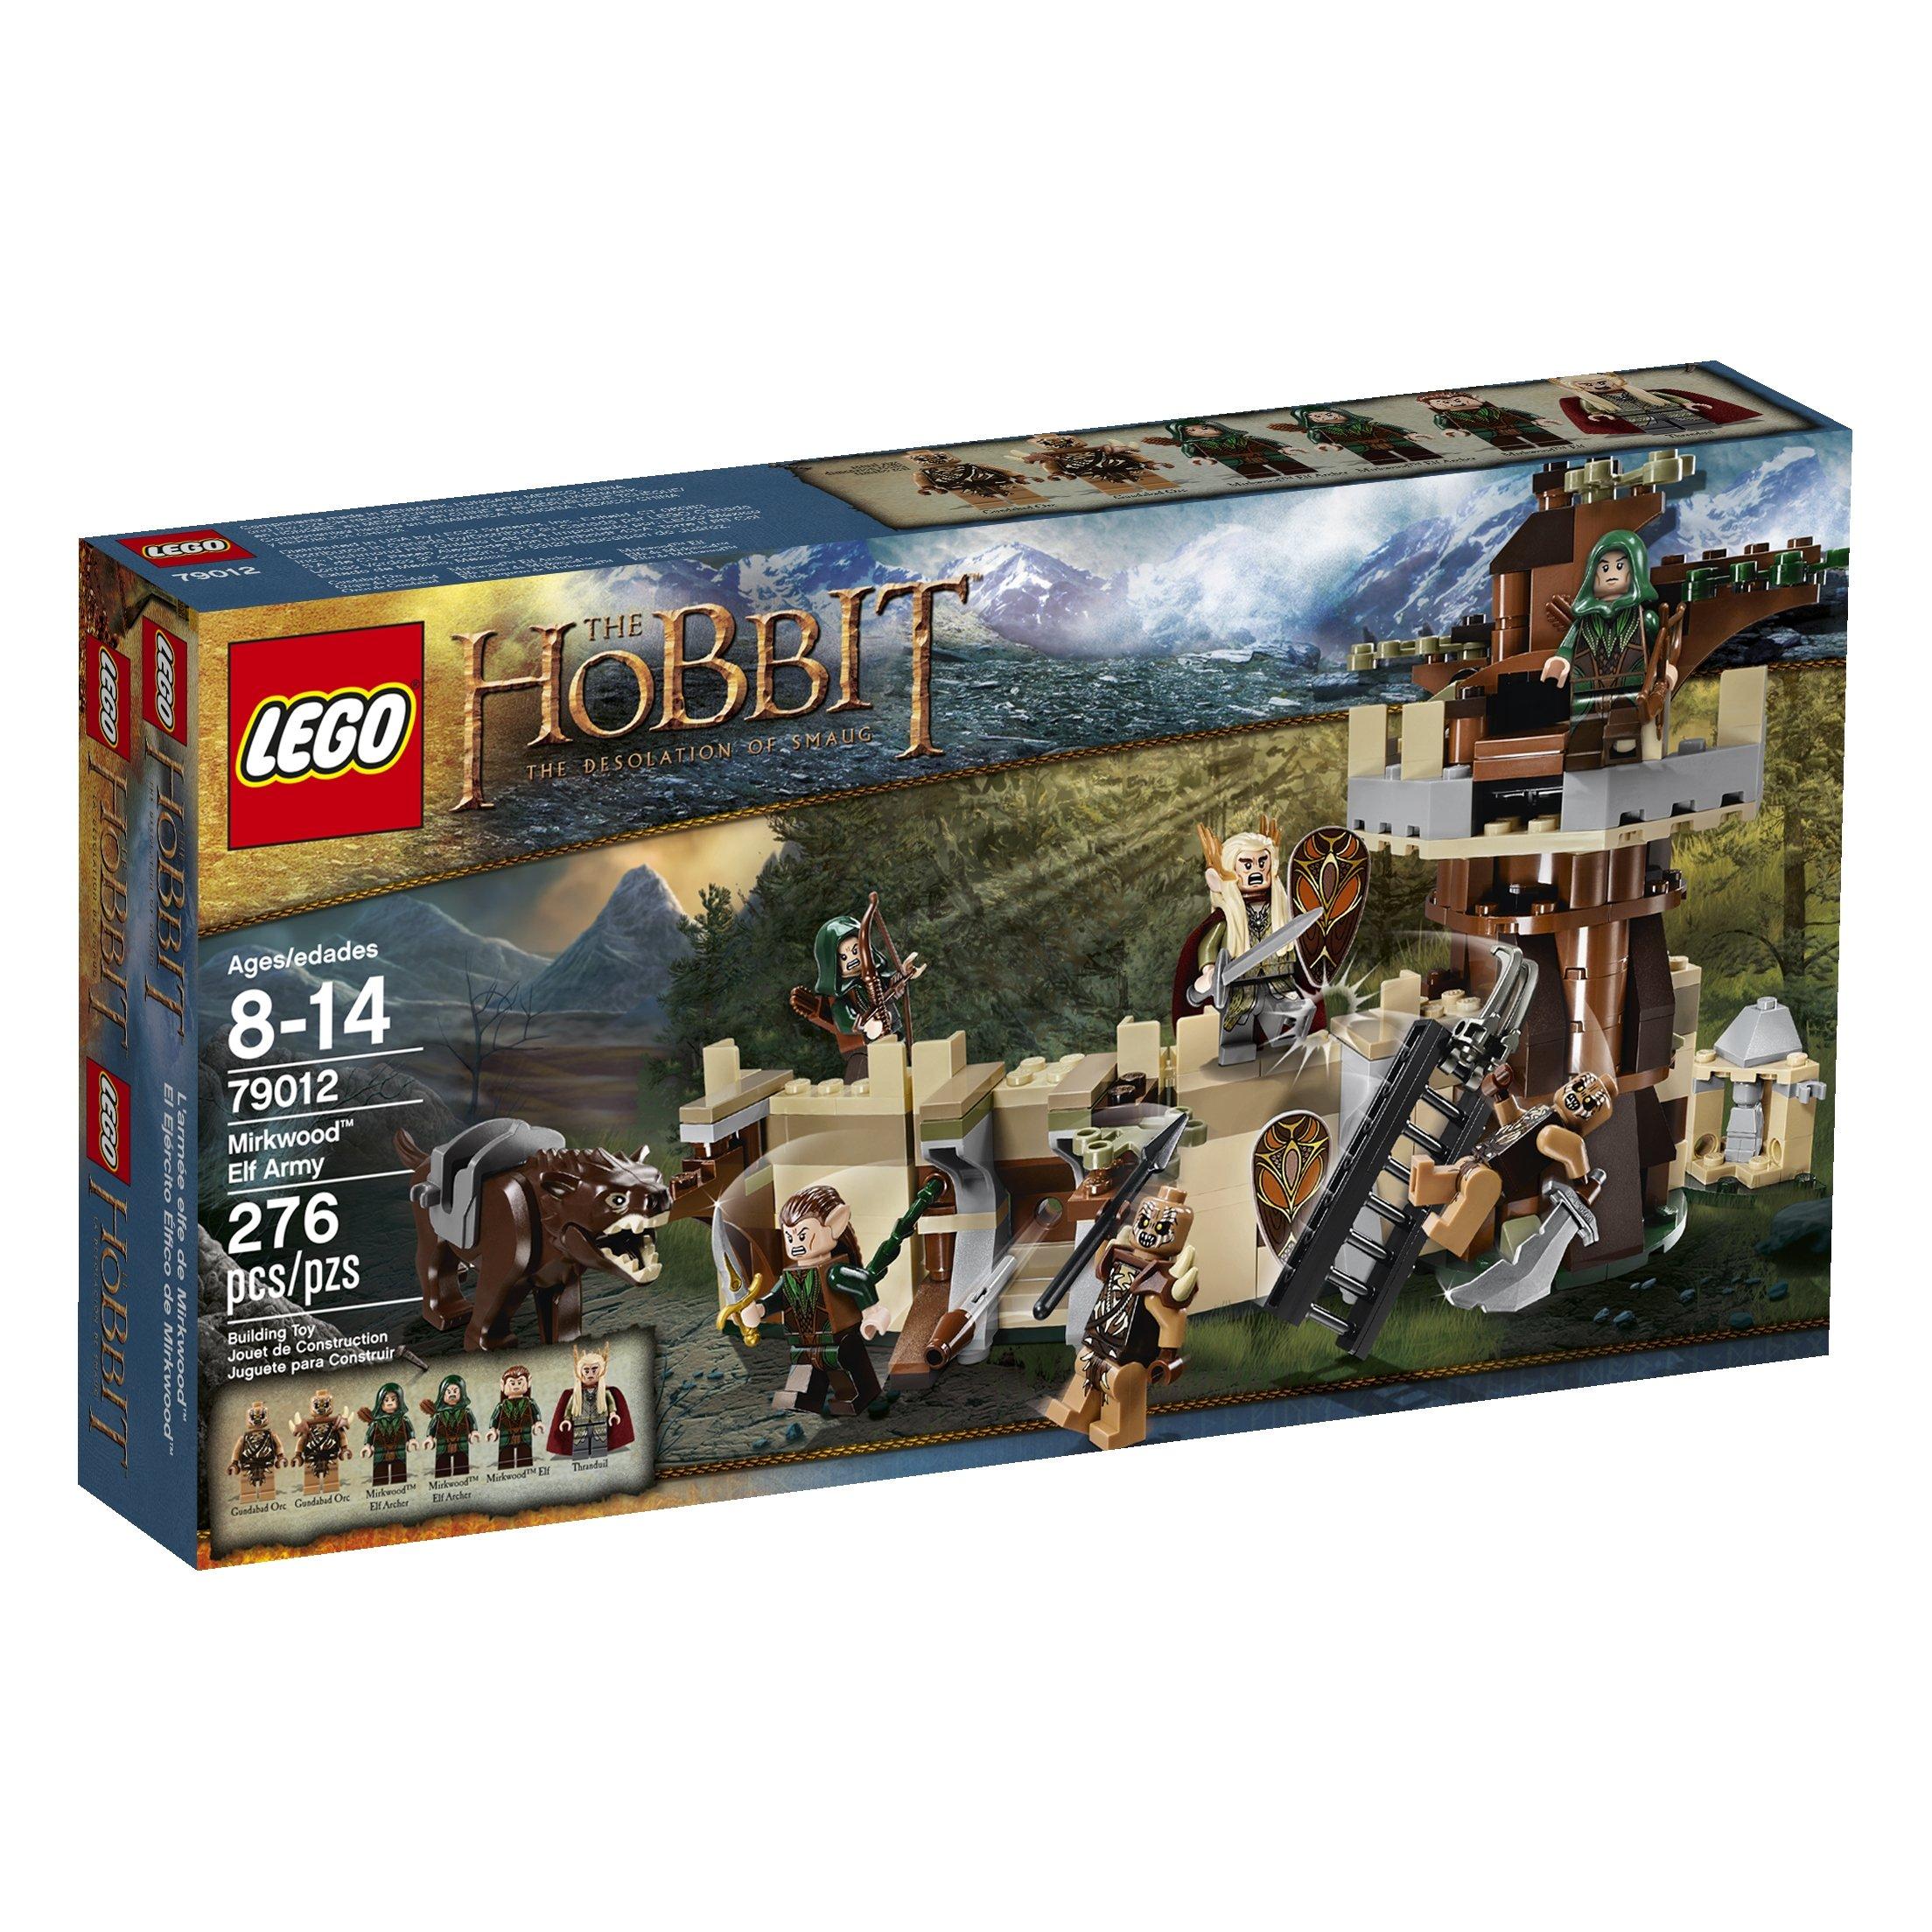 ویکالا · خرید  اصل اورجینال · خرید از آمازون · LEGO The Hobbit 79012 Mirkwood Elf Army (Discontinued by manufacturer) wekala · ویکالا